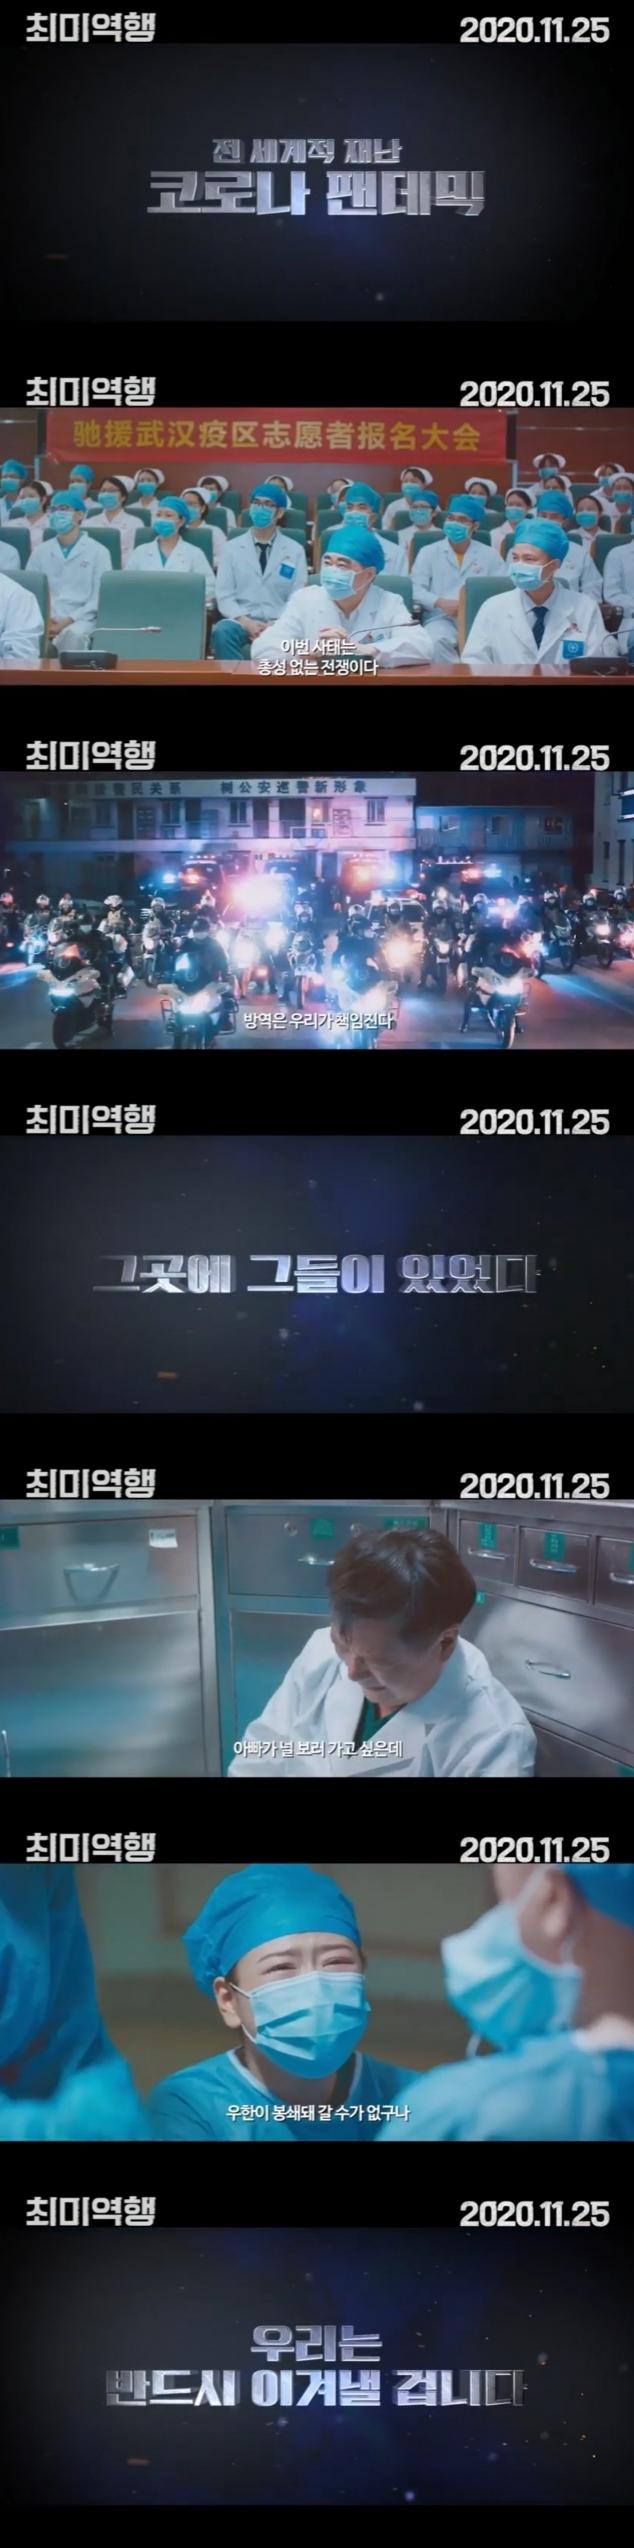 다음주 개봉 예정인 중국 국뽕 영화.jpg